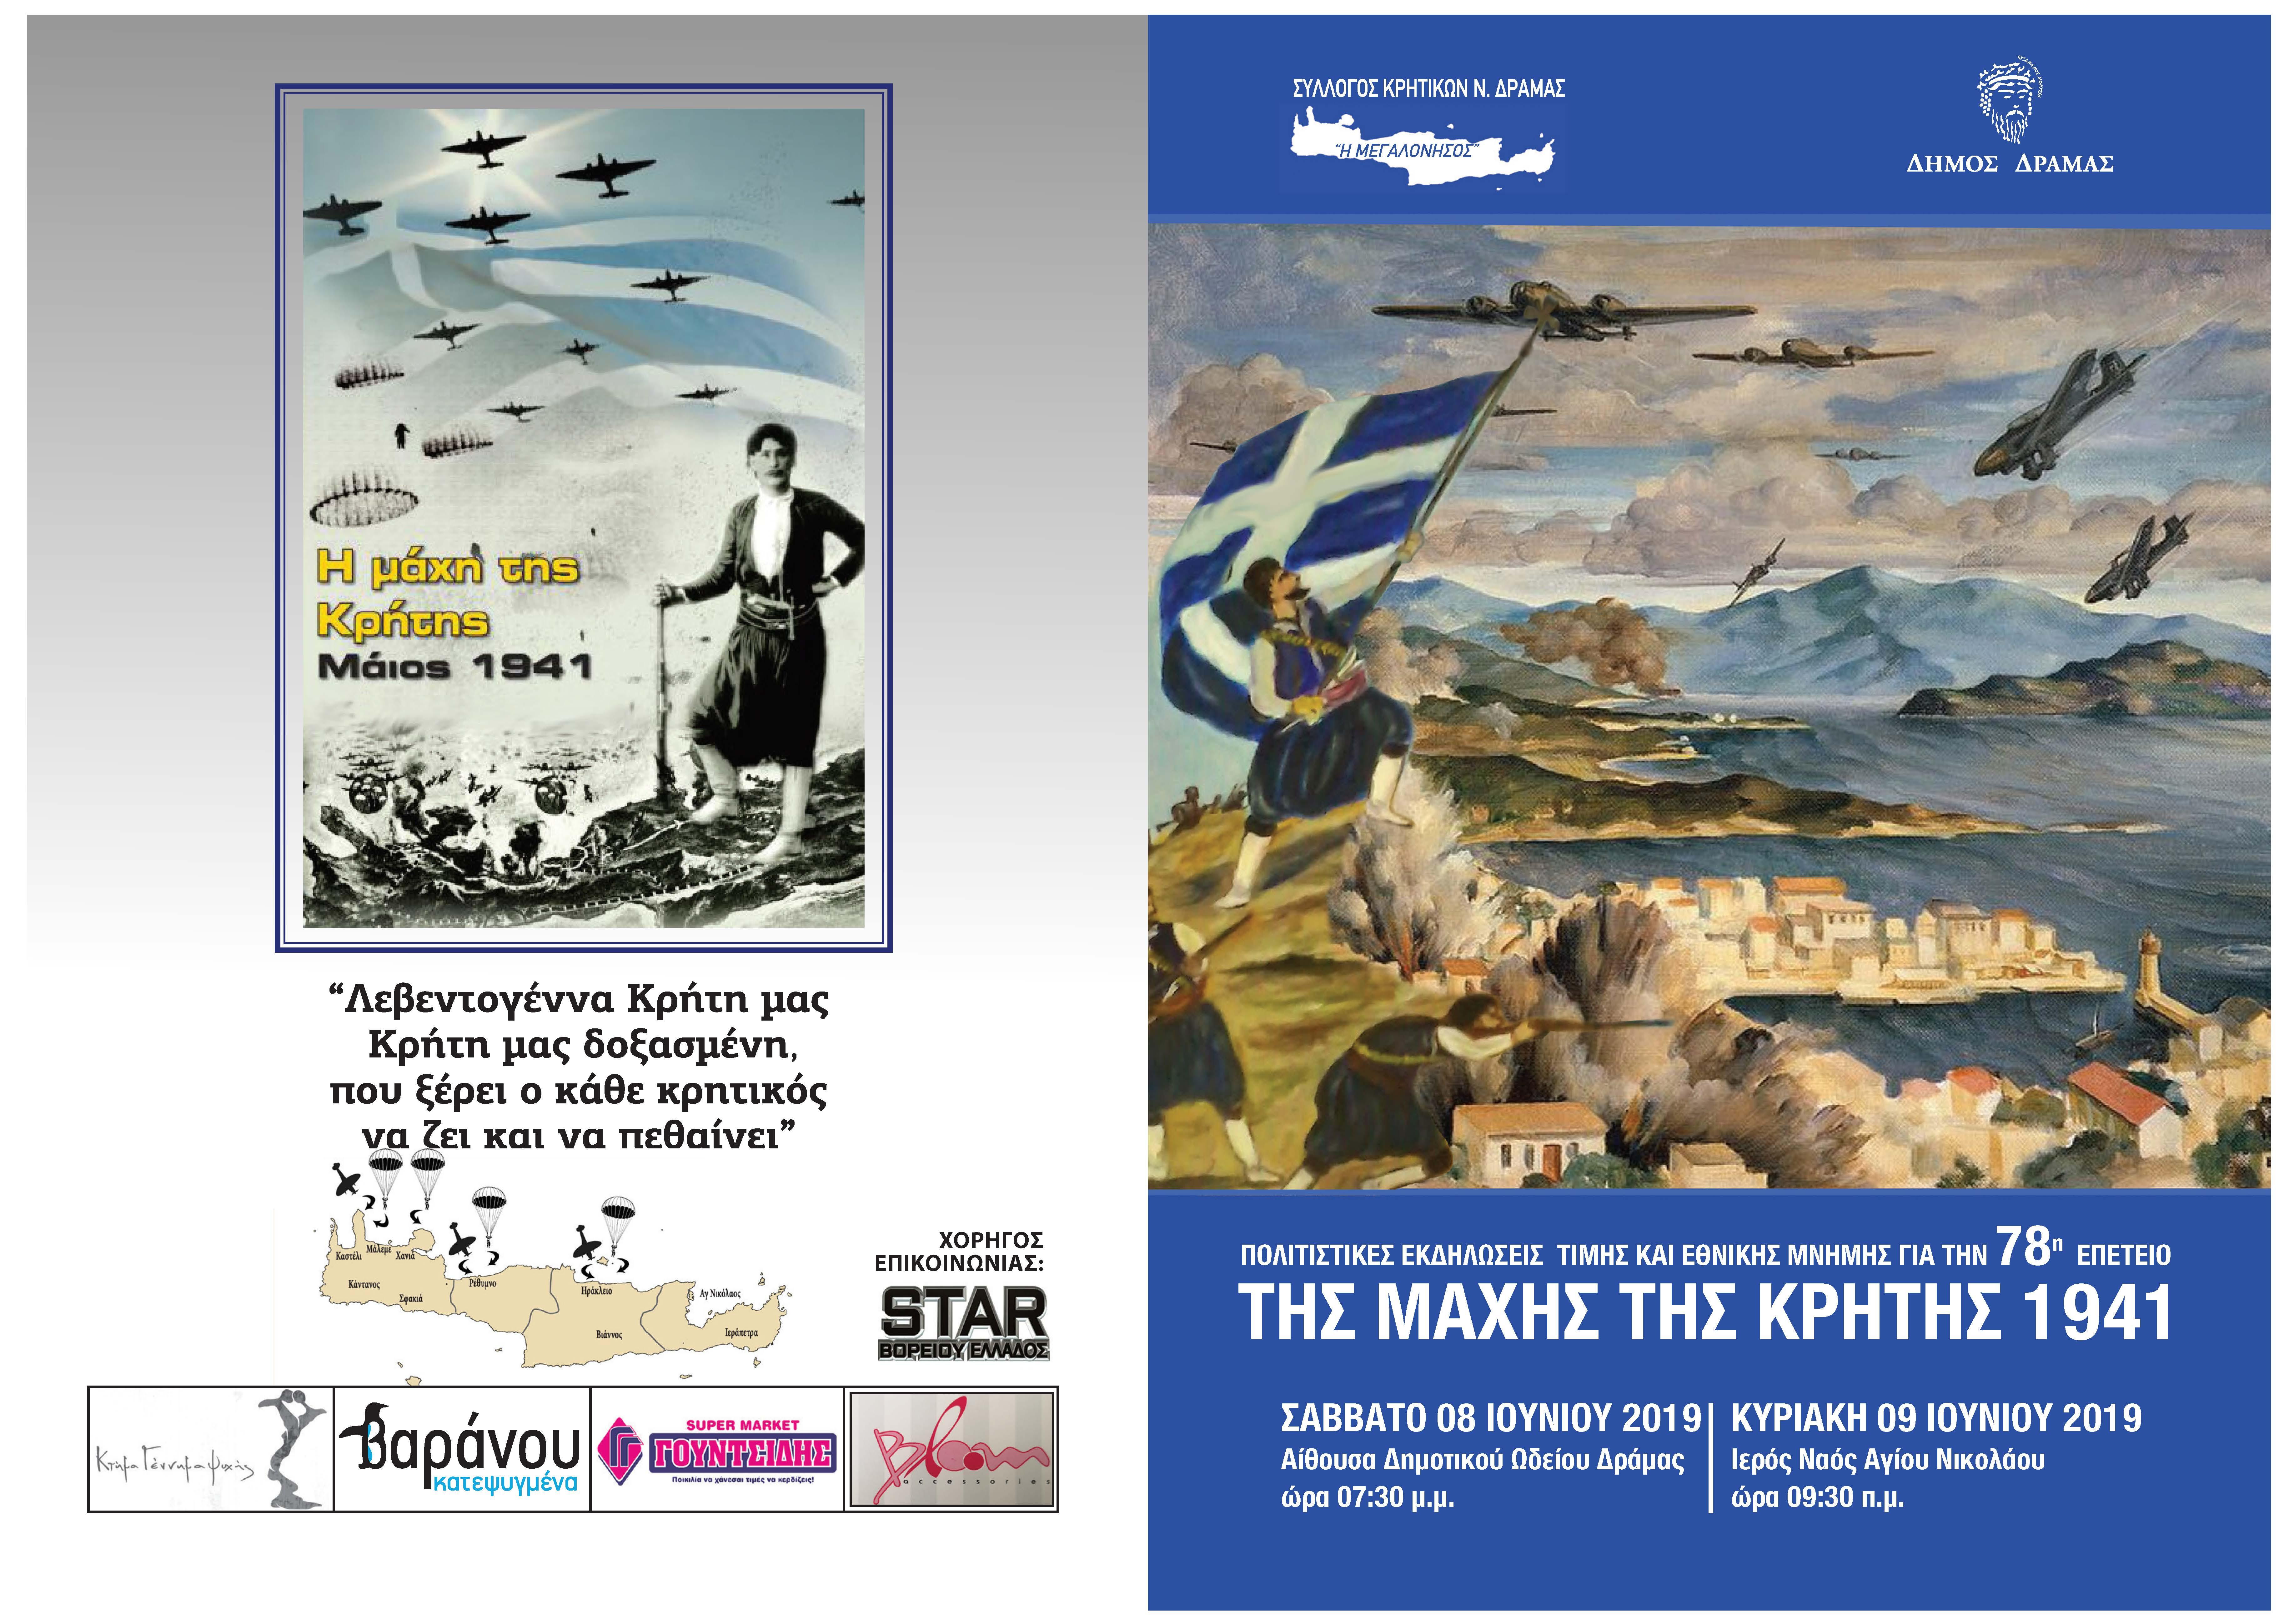 Πολιτιστικες εκδηλώσεις για την μάχη της Κρήτης 1941